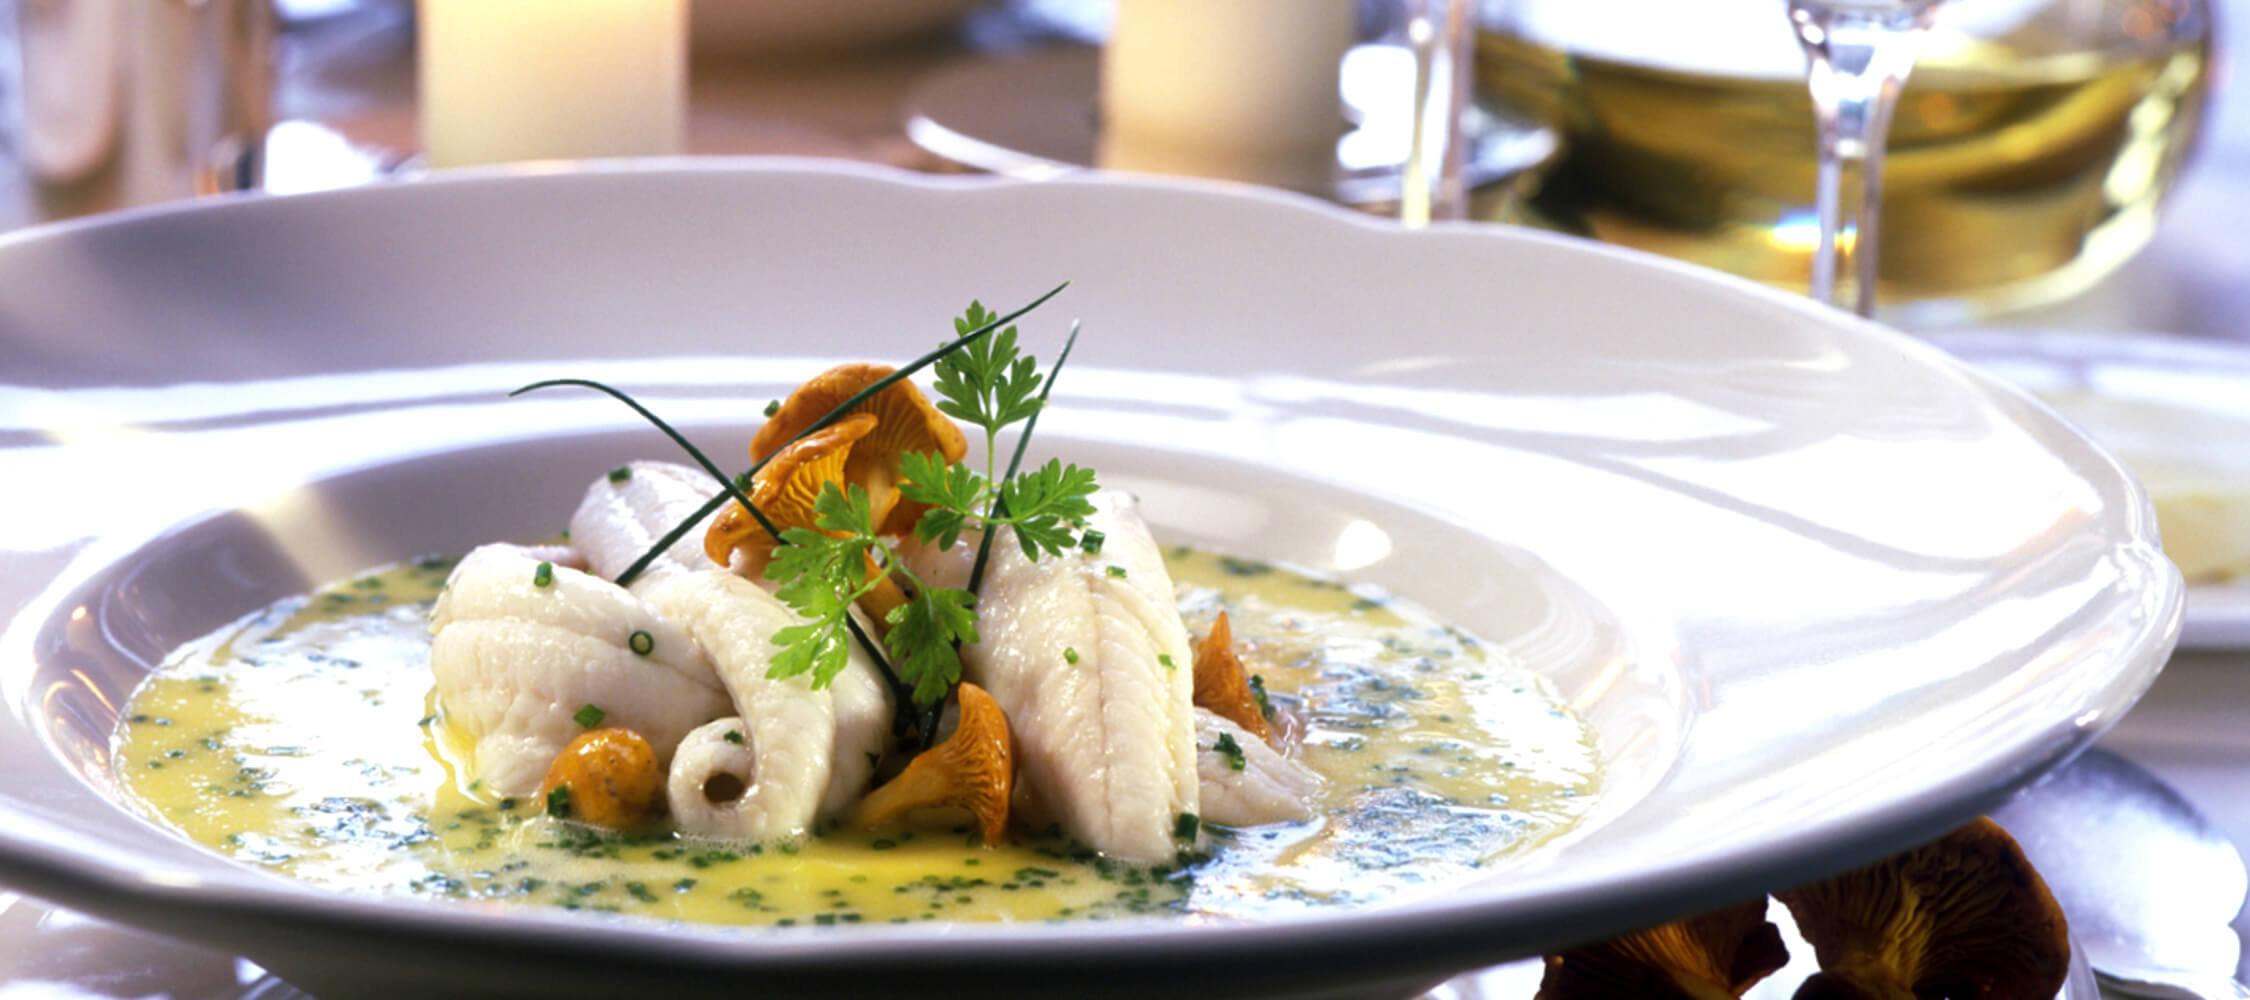 Restaurant_Tapas_Bar_The_Gallery_City_Hotel_Merano_Essen_Fisch_Vorspeise_Hauptspeise_Dinner_Abend_Menu_000006002542M_2250x1000